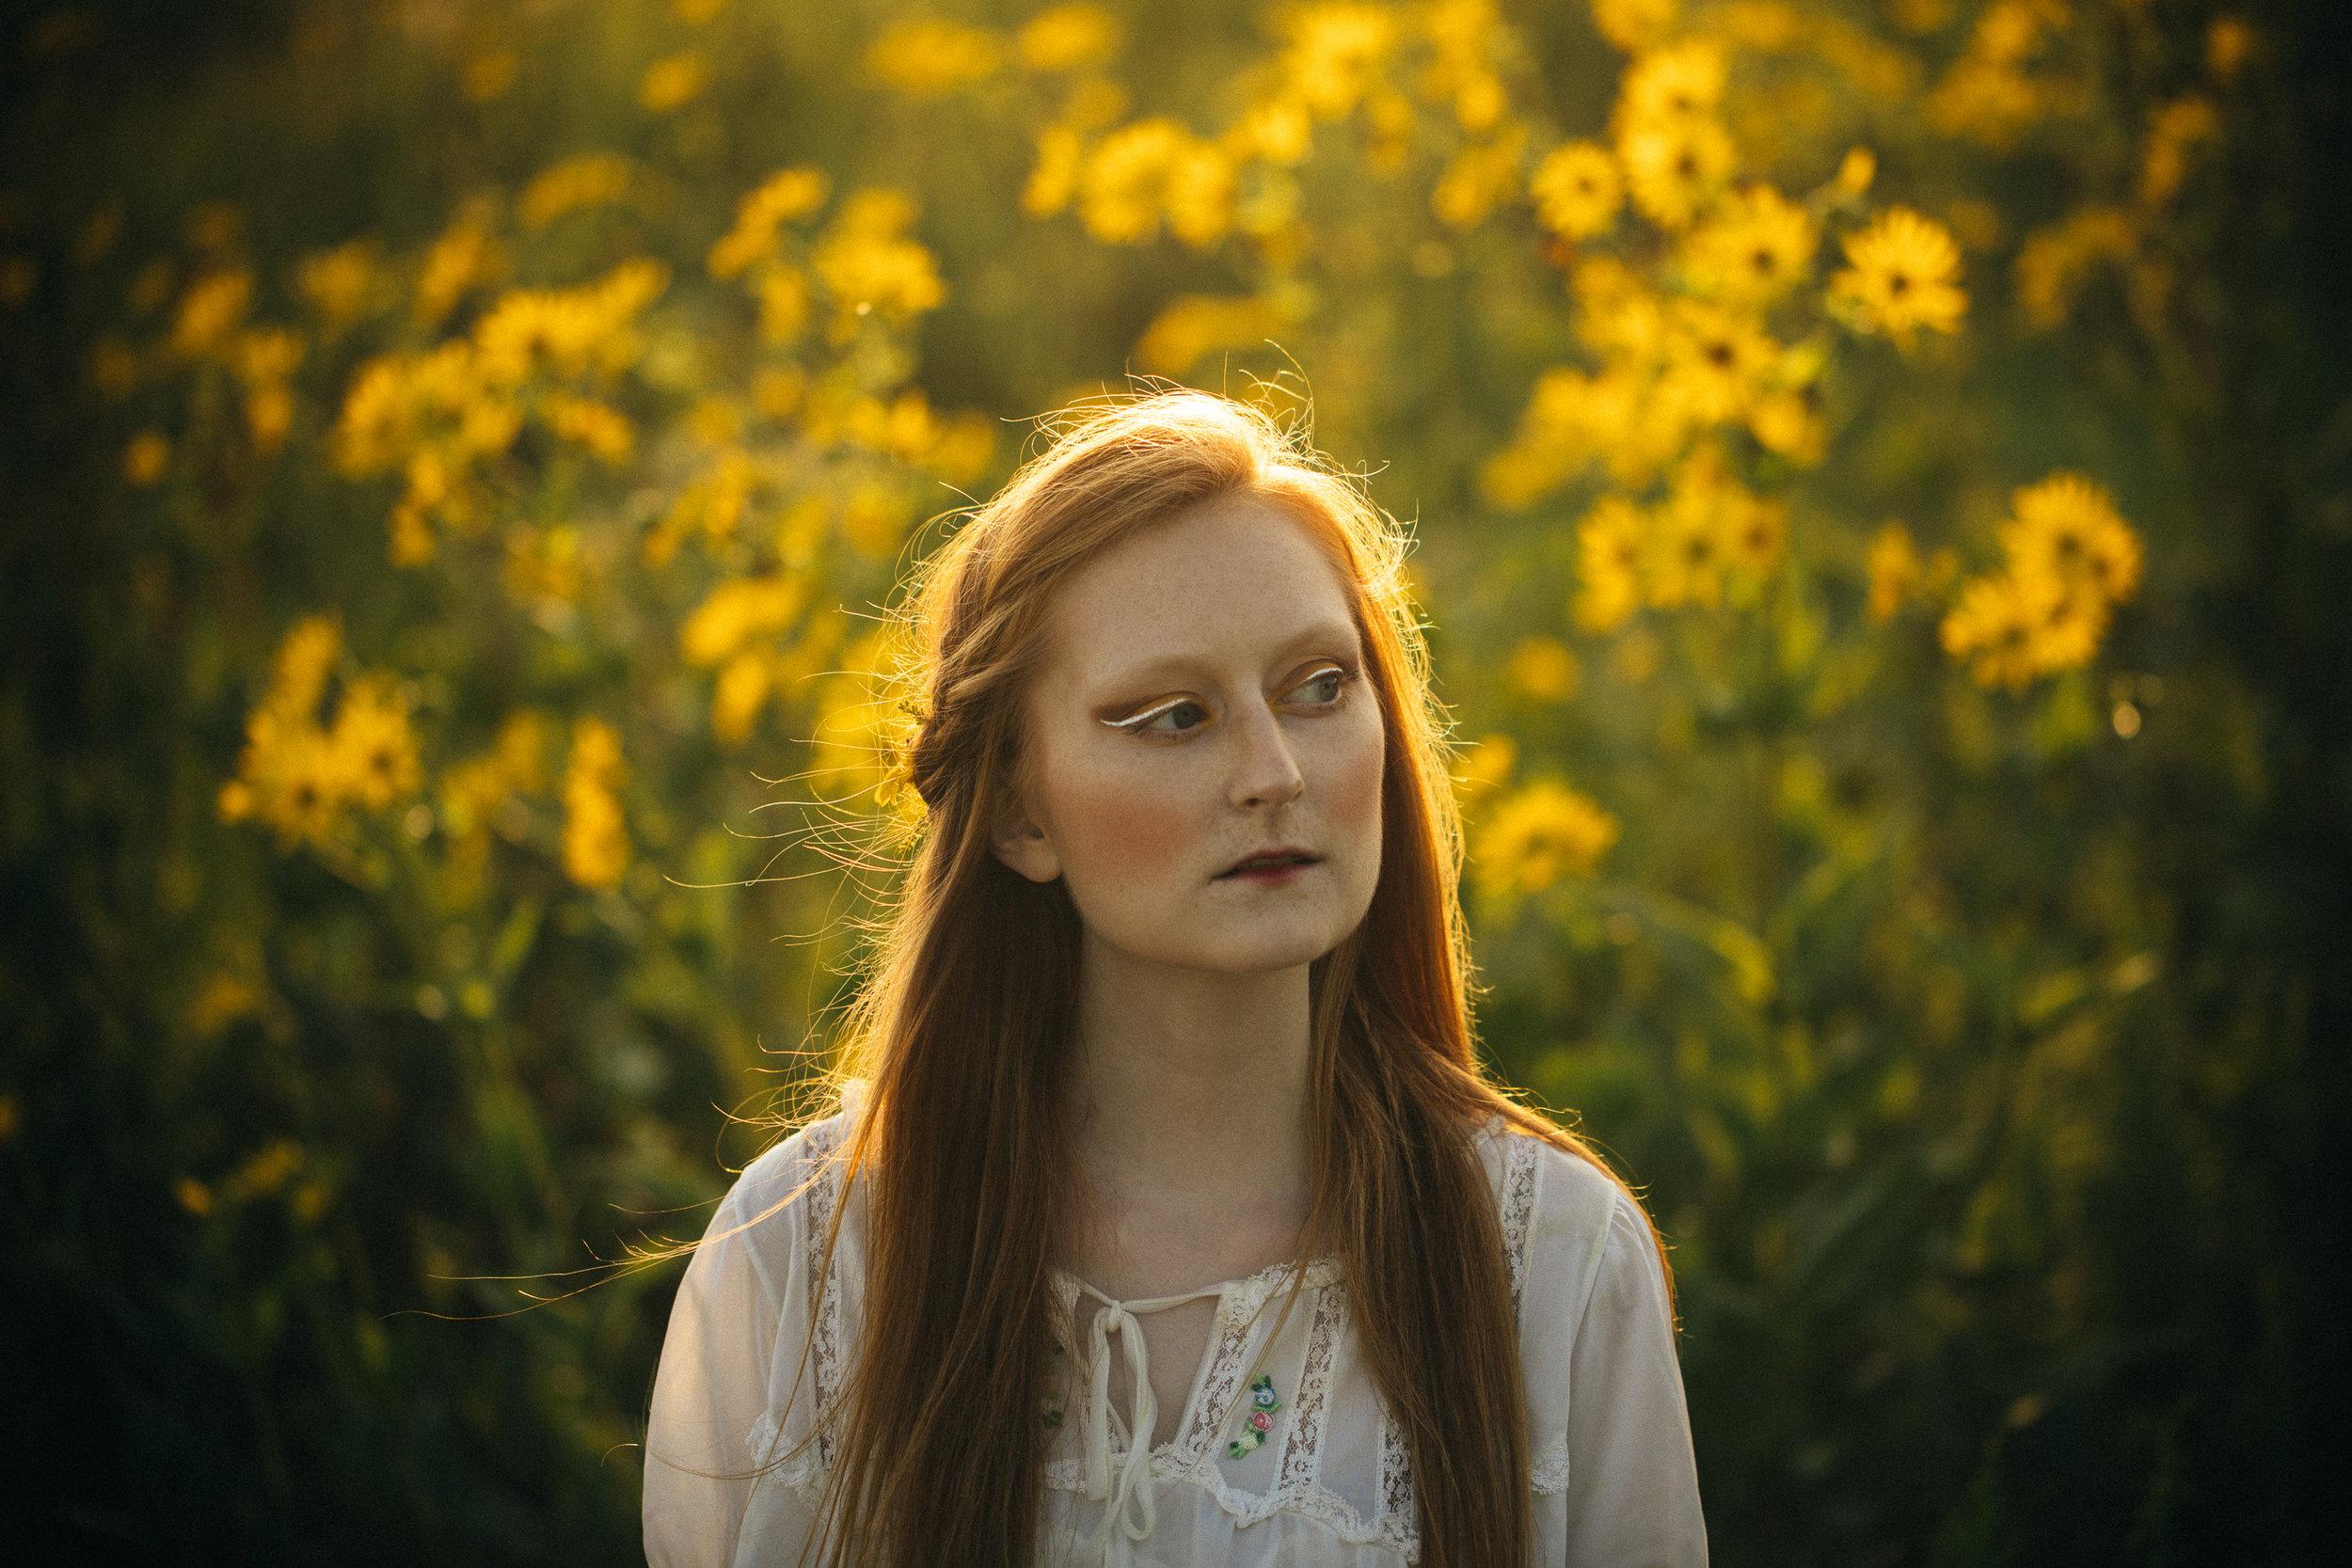 PortraitColor_MarkFuentebella-02.jpg